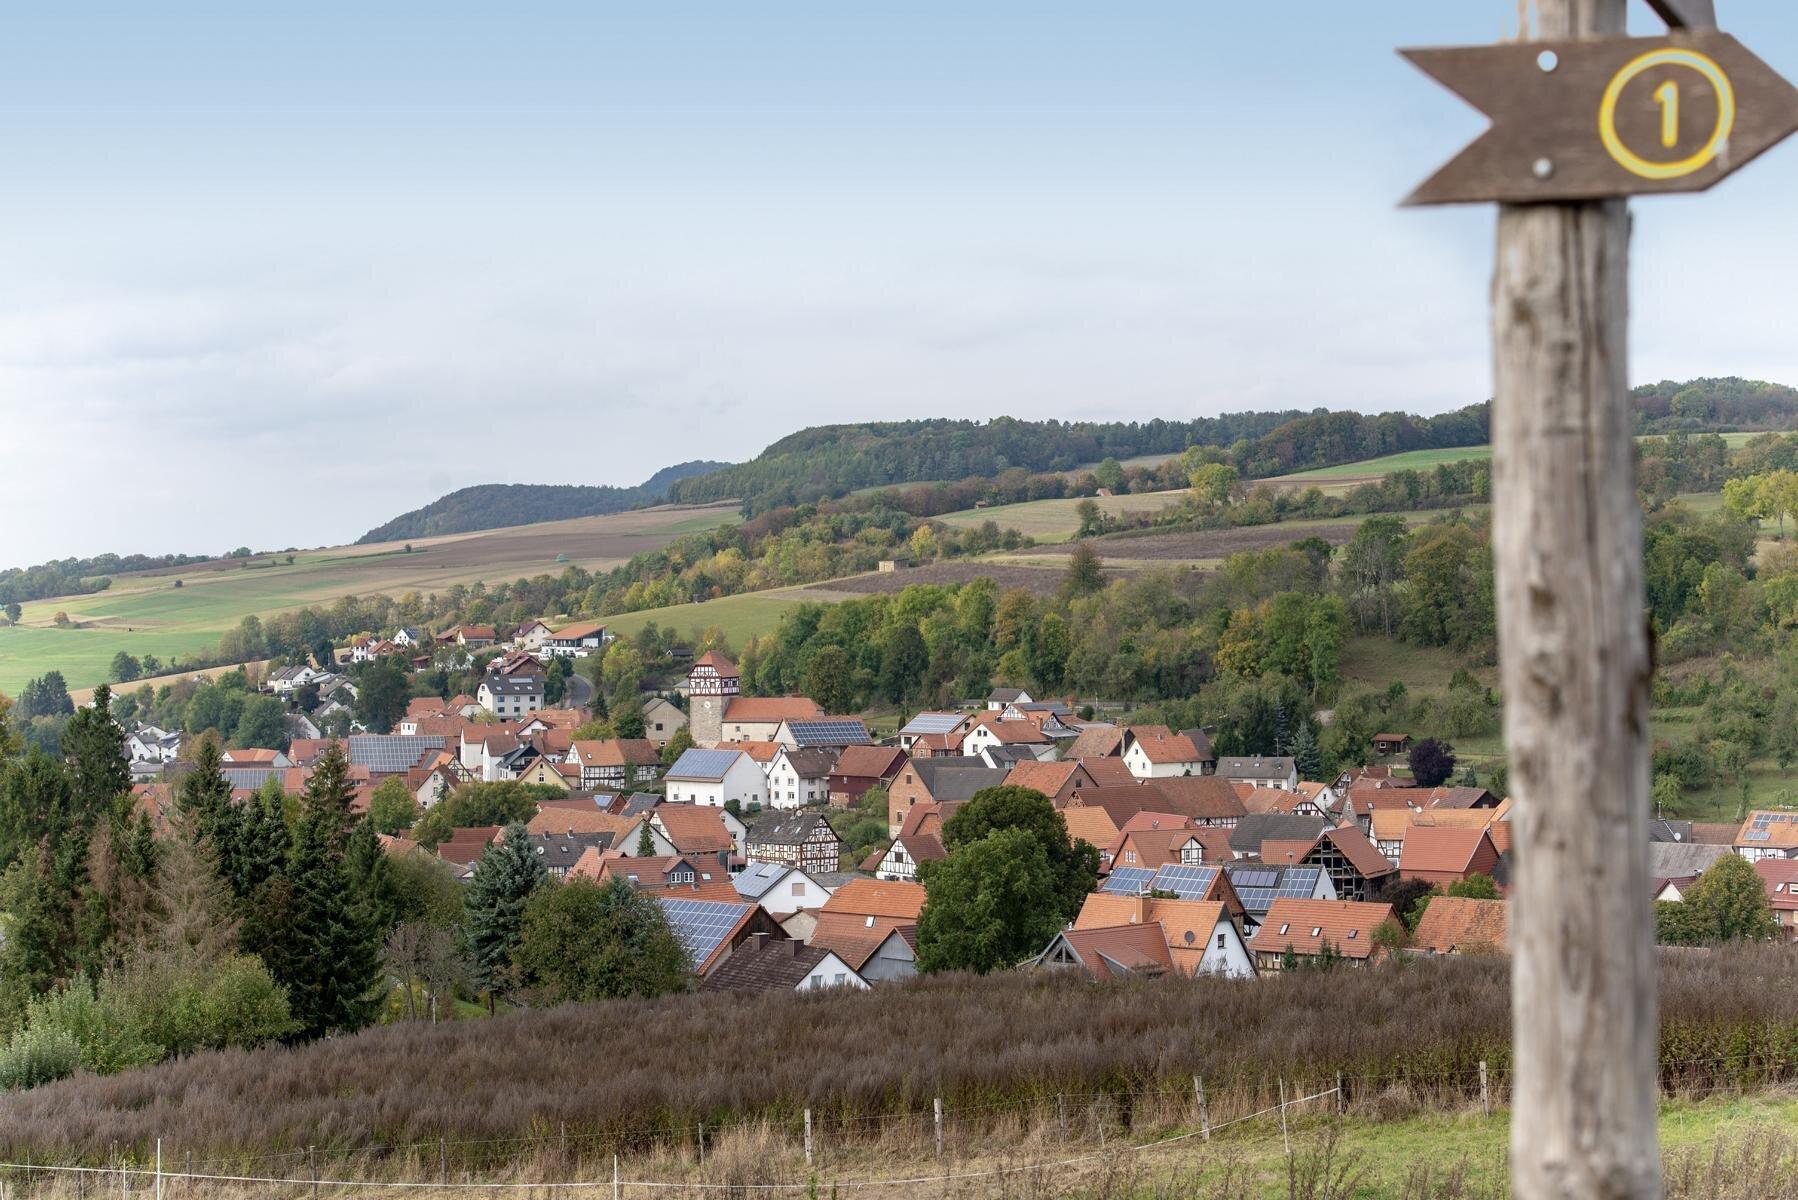 Der Premiumwanderweg P20 Ulfener Karst ist in Kooperation mit dem Geo-Naturpark Frau-Holle-Land entstanden.